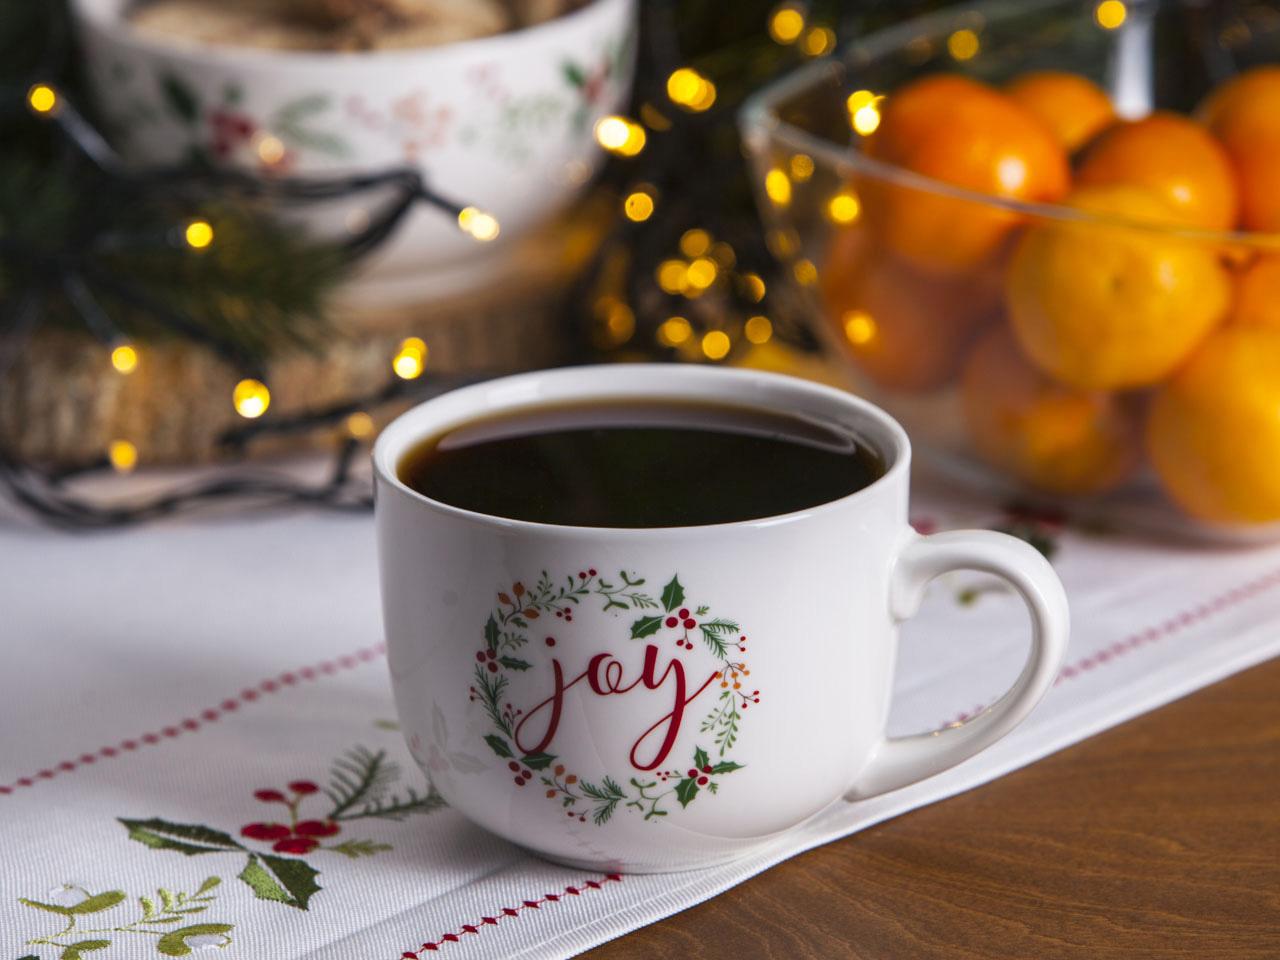 Duża filiżanka do kawy i herbaty świąteczna porcelanowa Jumbo Boże Narodzenie Altom Design Joy 420 ml